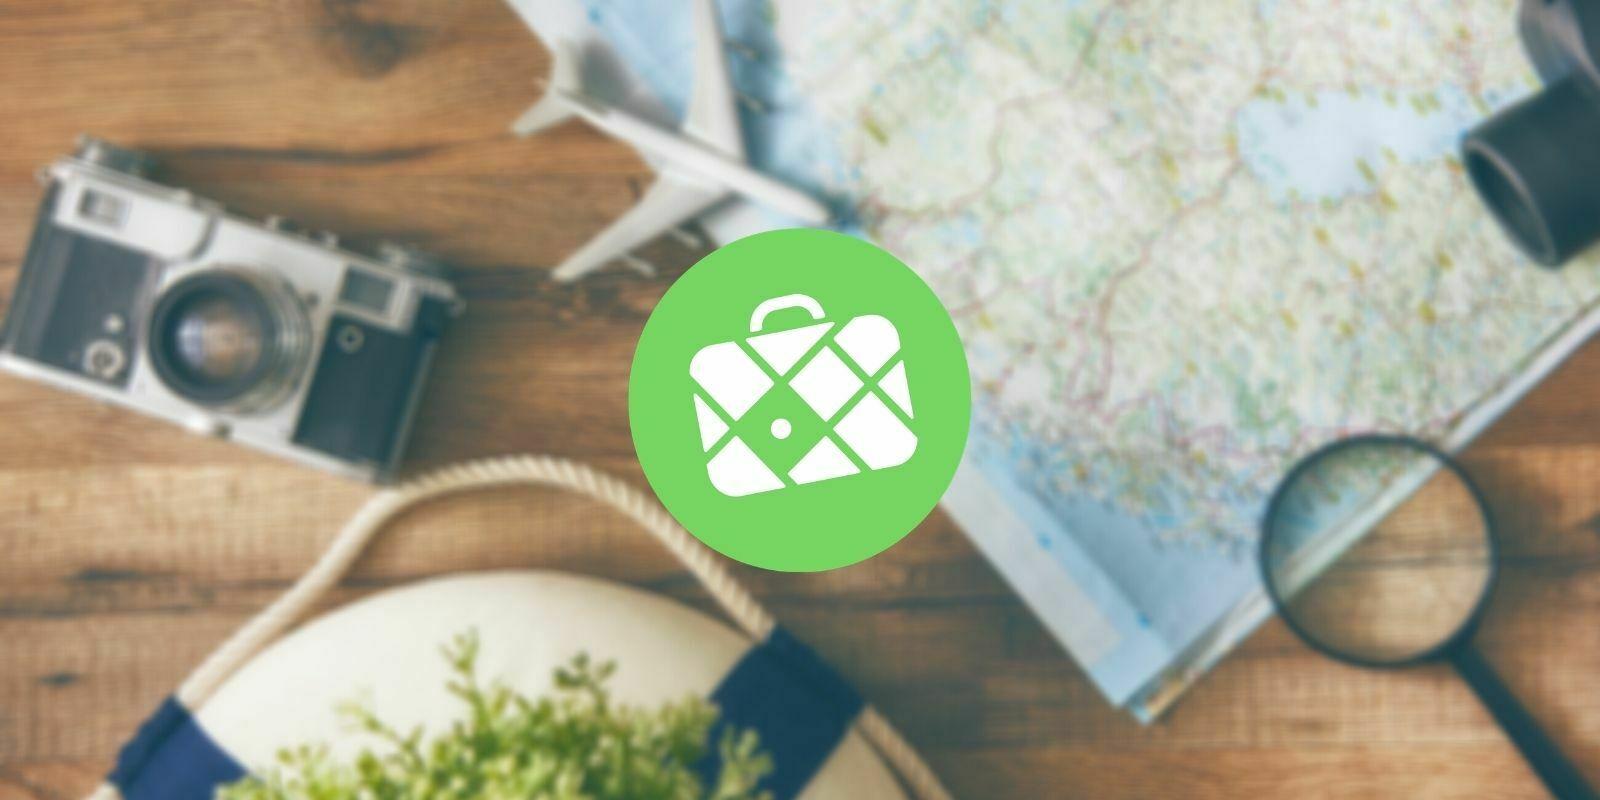 L'application Maps.me lève 50 M$ pour la création d'un écosystème DeFi